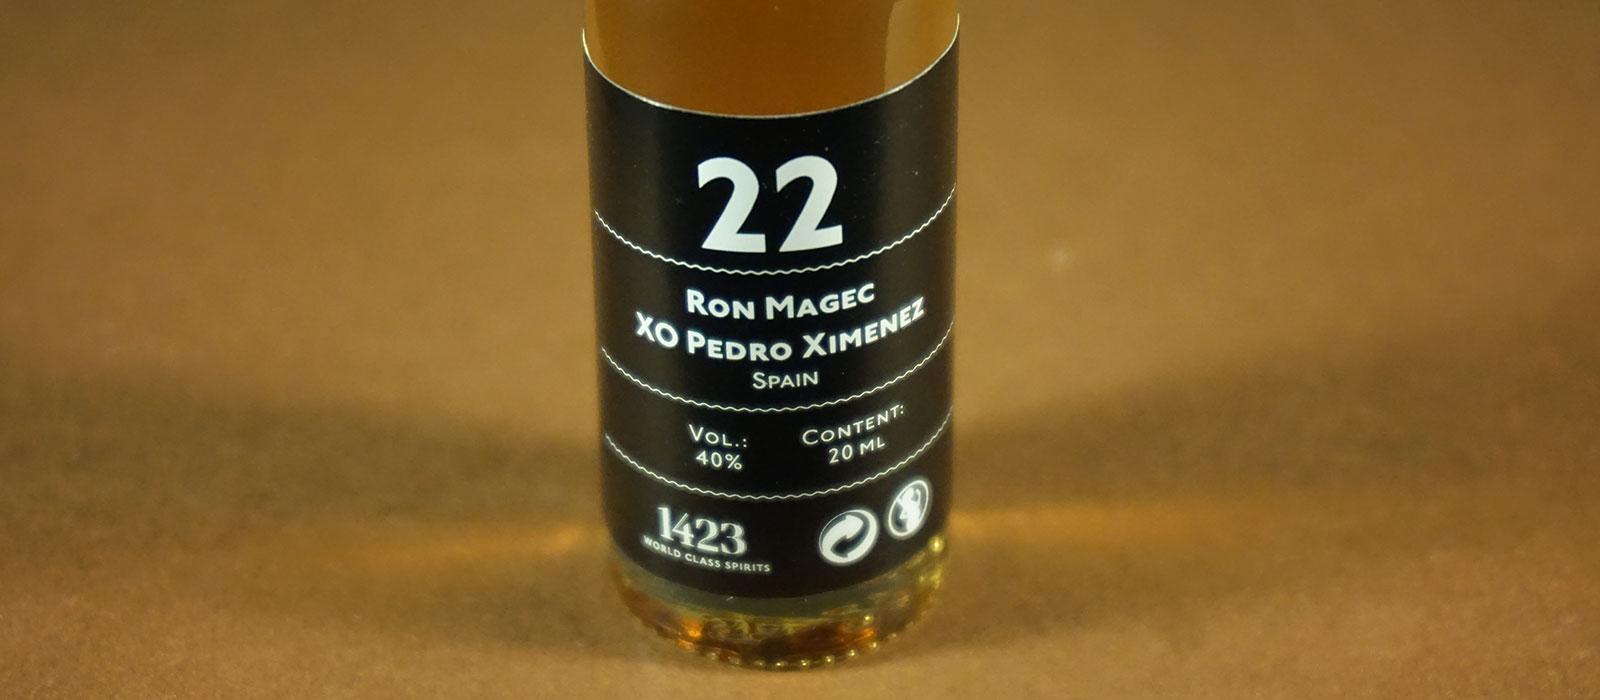 24 Days of Rum 2017: Dag 22 – Rum Magec XO Pedro Ximenez